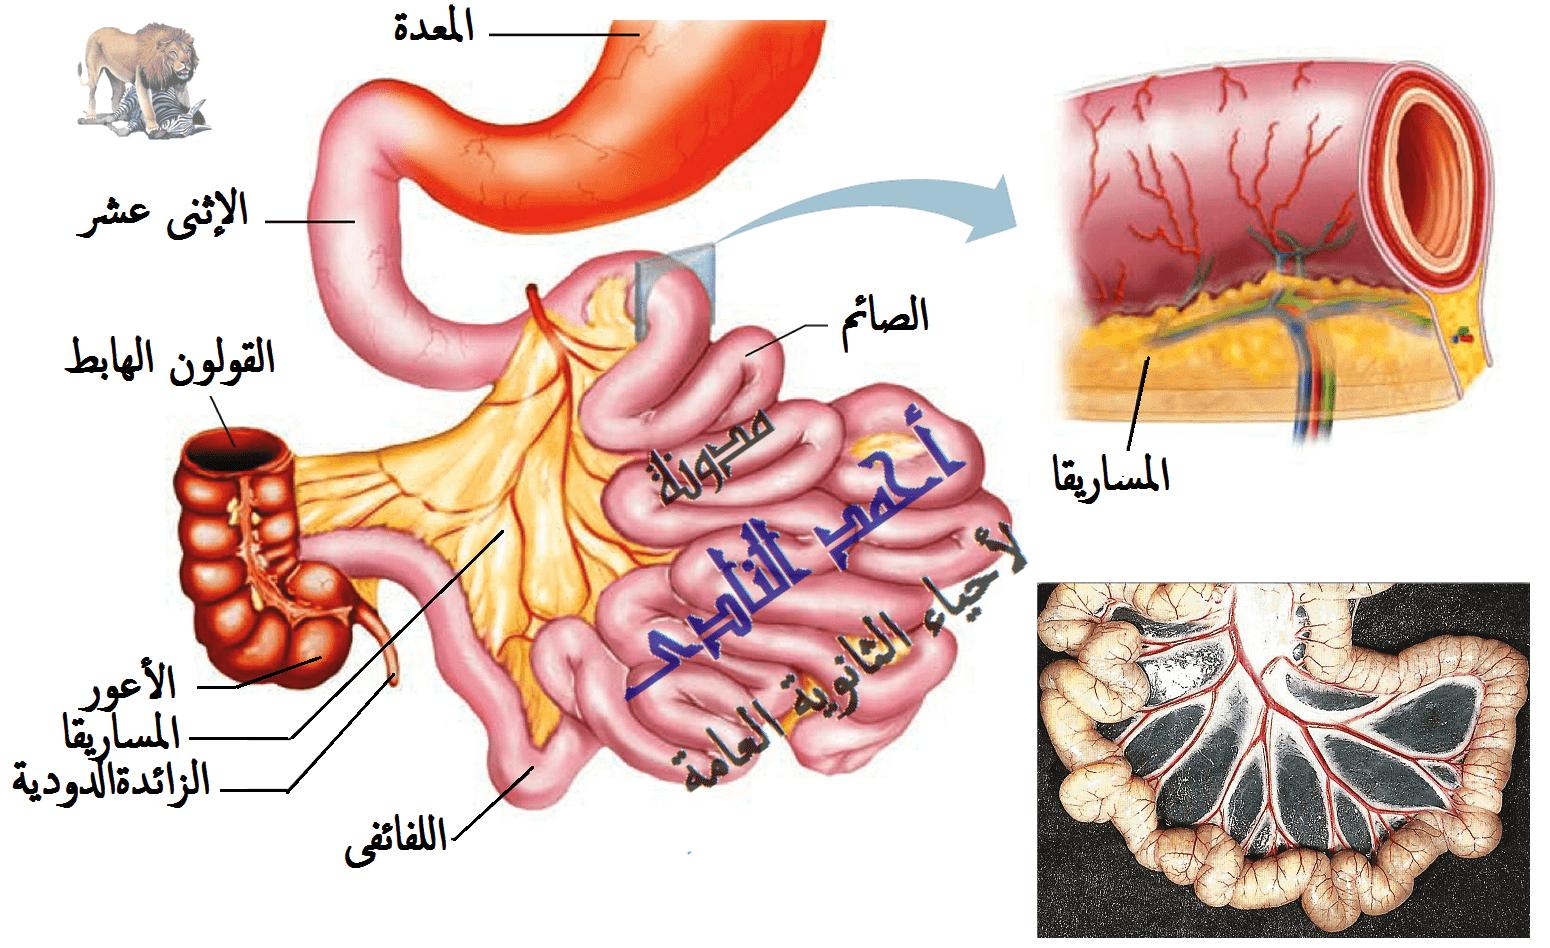 الجهاز الهضمى - الهضم فى الإنسان - الهضم فى الأمعاء - الأمعاء الدقيقة - المساريقا - الإثنى عشر - الصائم - اللفائفى - مدونة أحمد النادى لأحياء الثانوية العامة